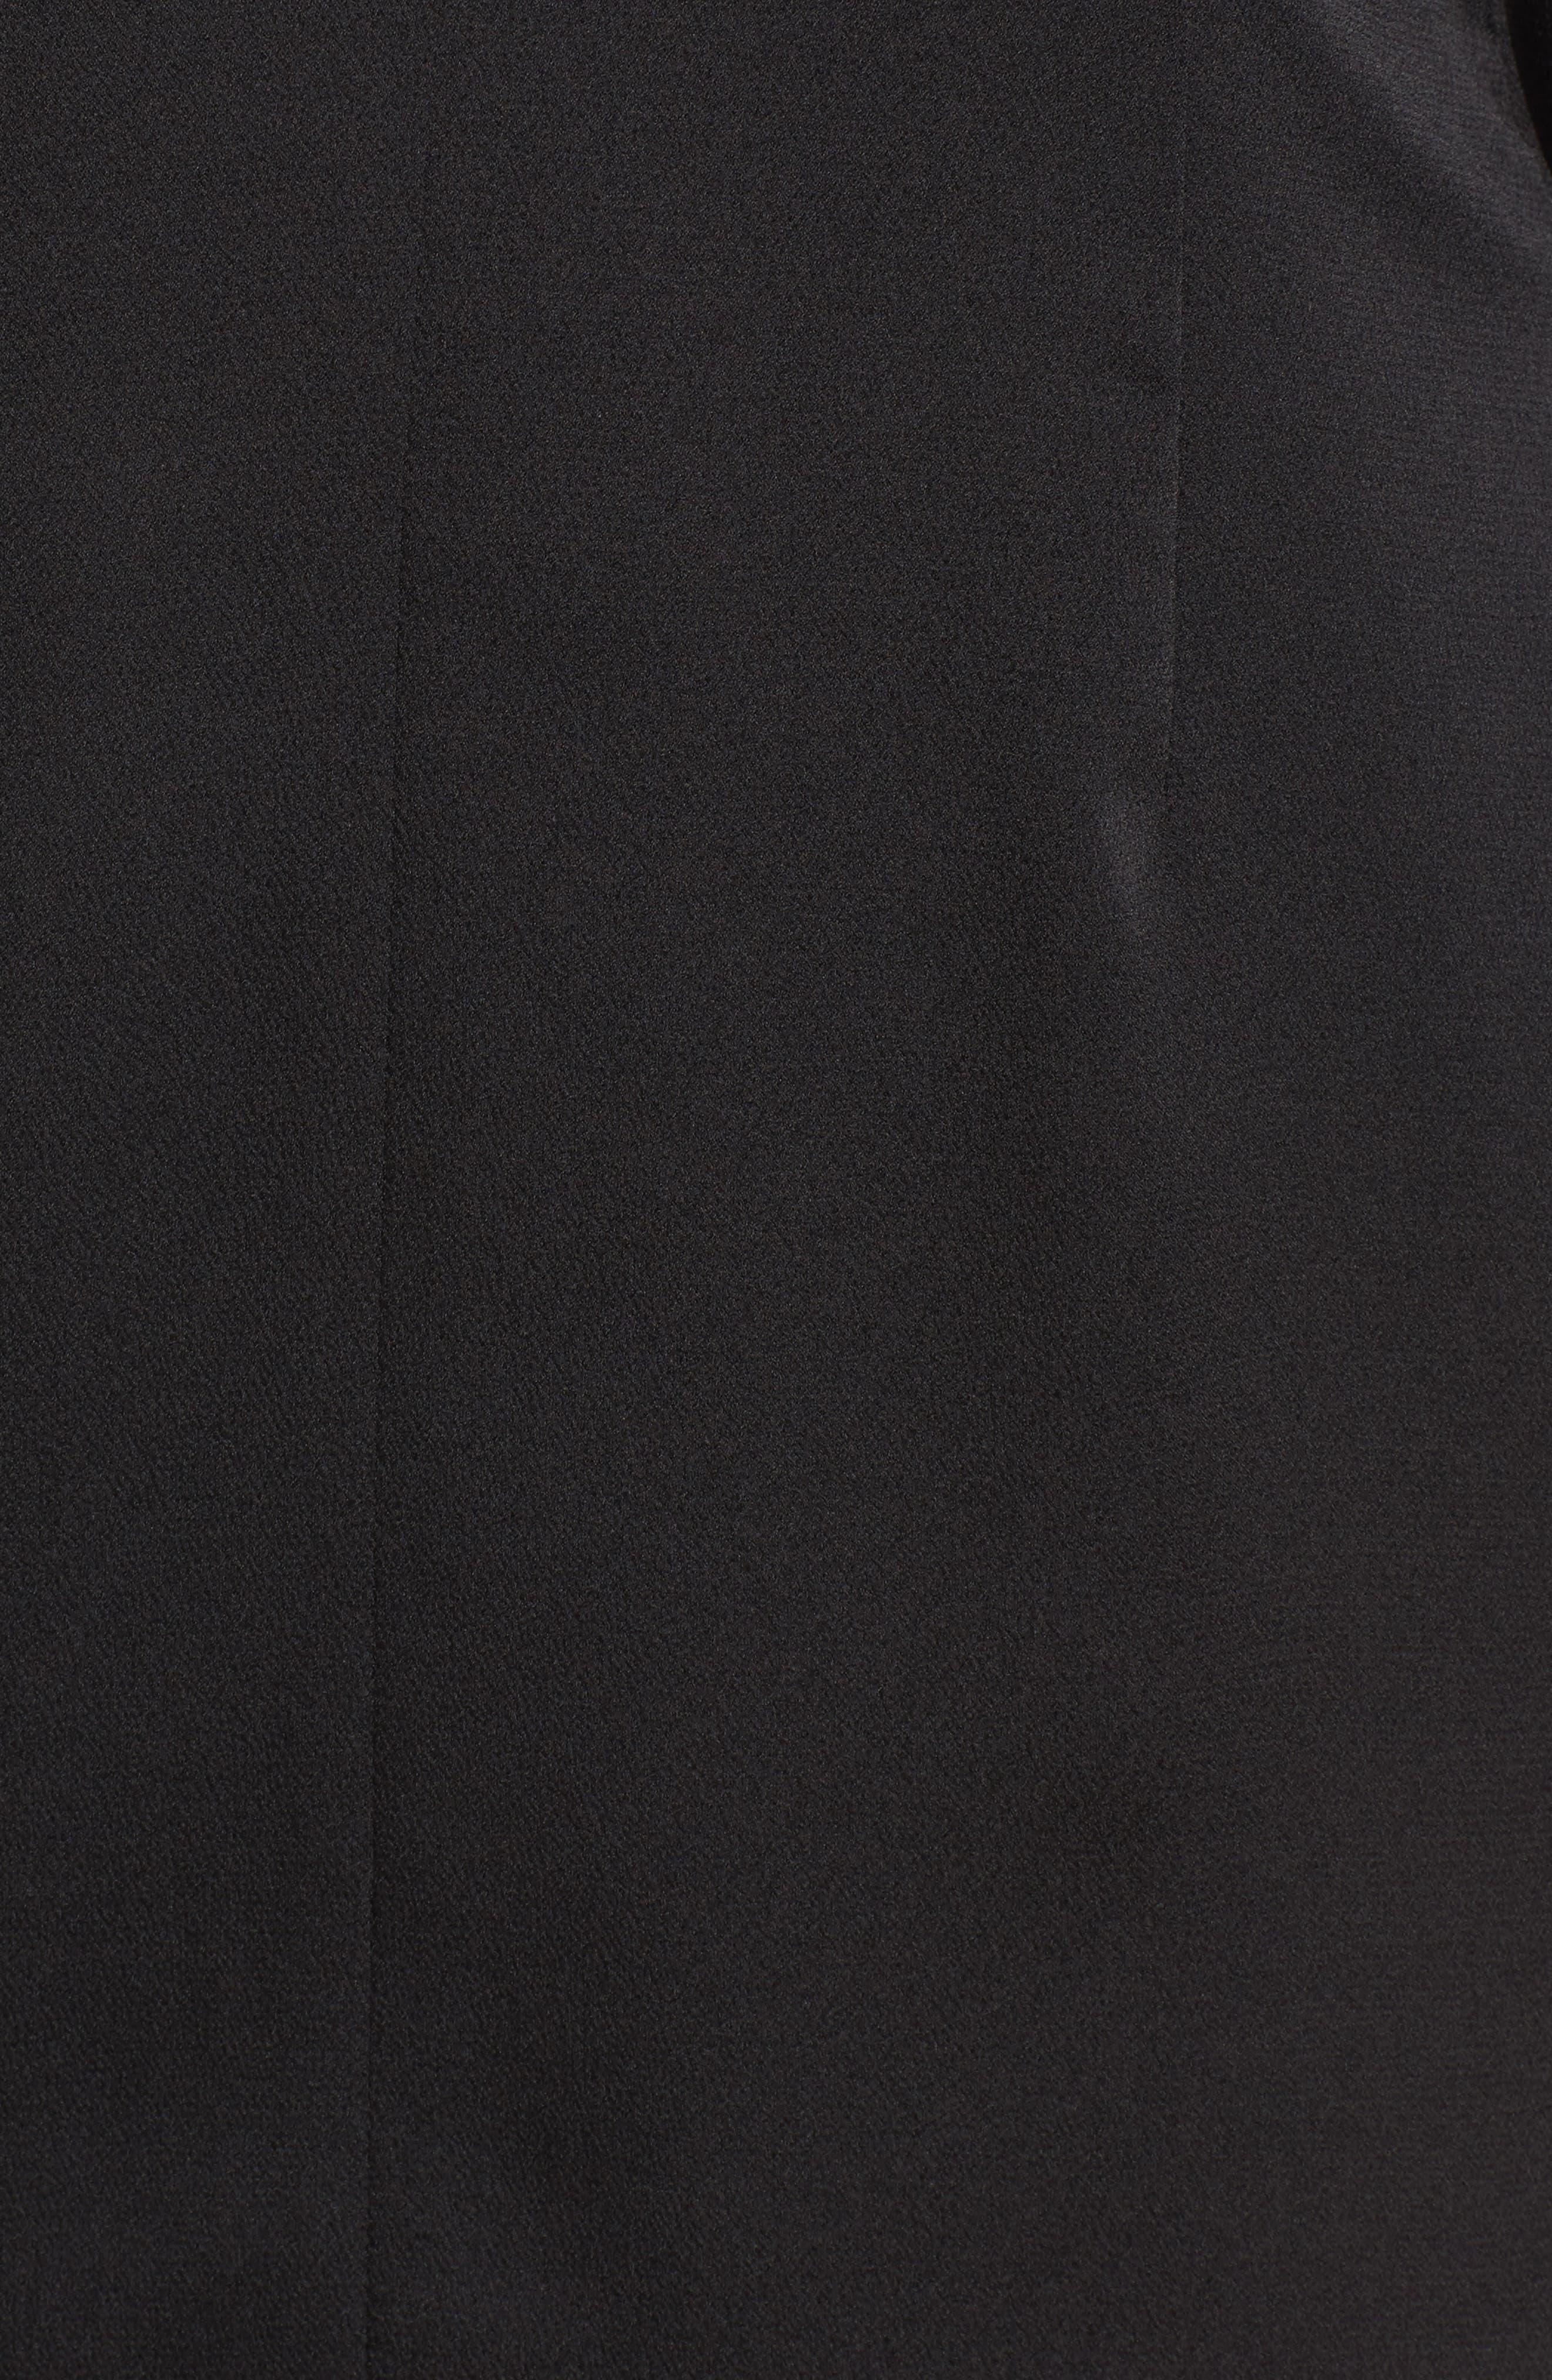 Raindrops Midi Dress,                             Alternate thumbnail 9, color,